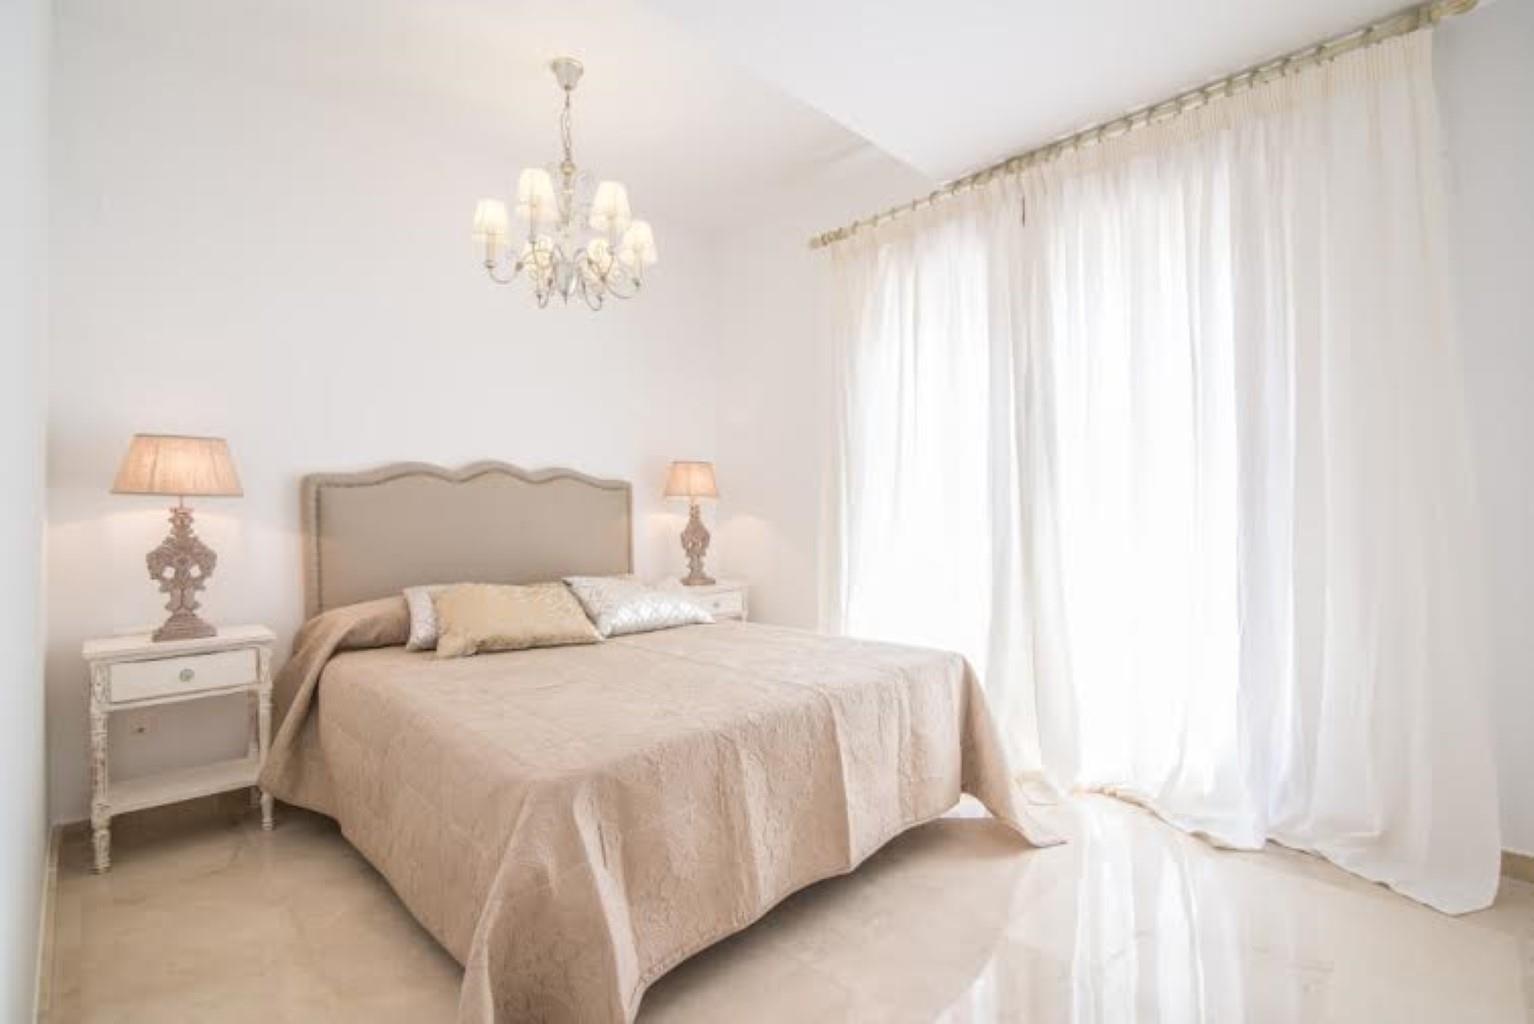 Appartement - Benissa - #2183138-14